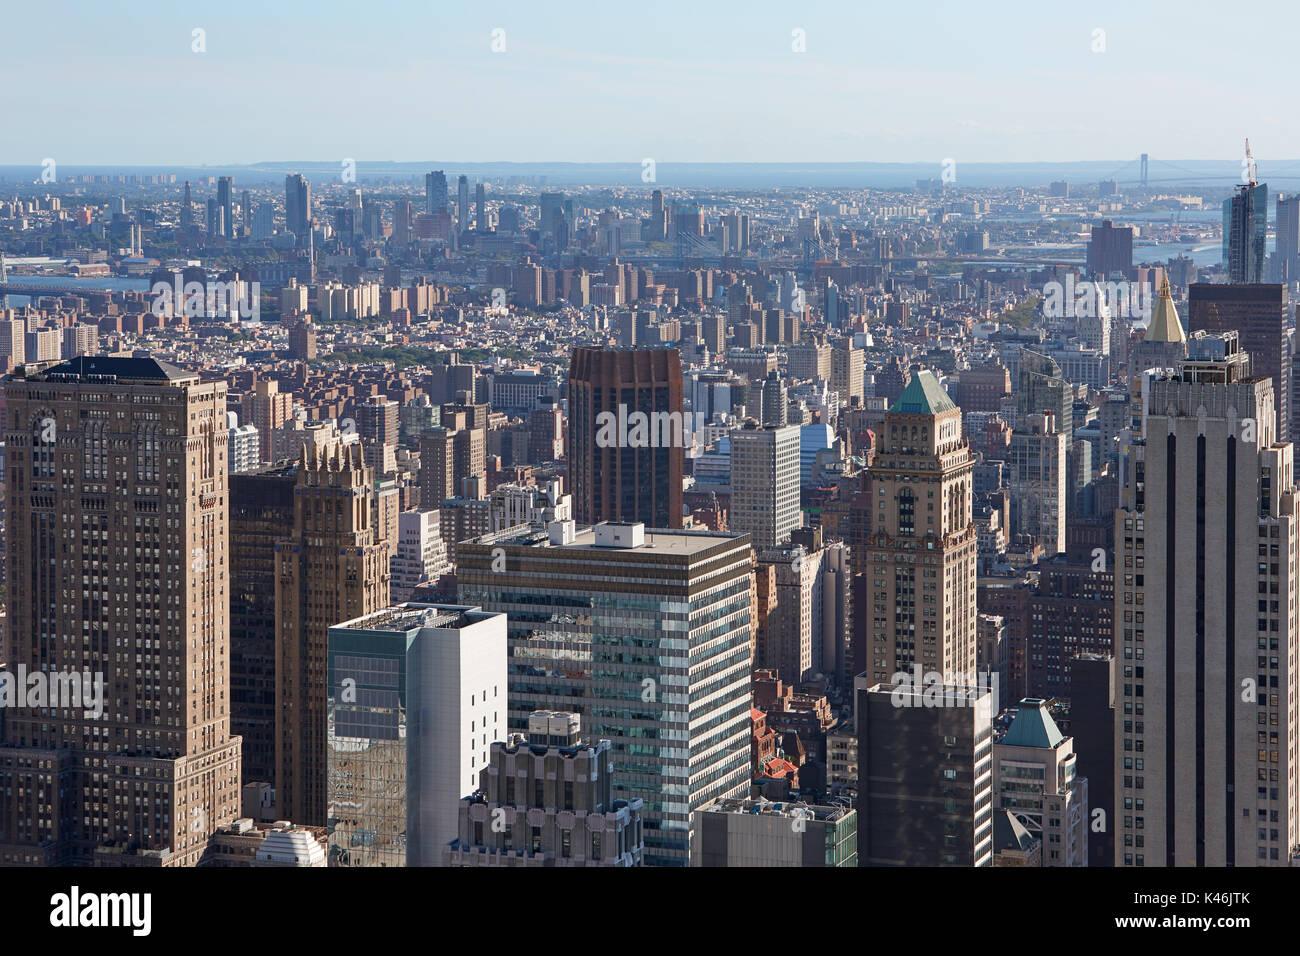 New York City skyline vue aérienne avec des gratte-ciel et l'horizon dans une journée ensoleillée Photo Stock